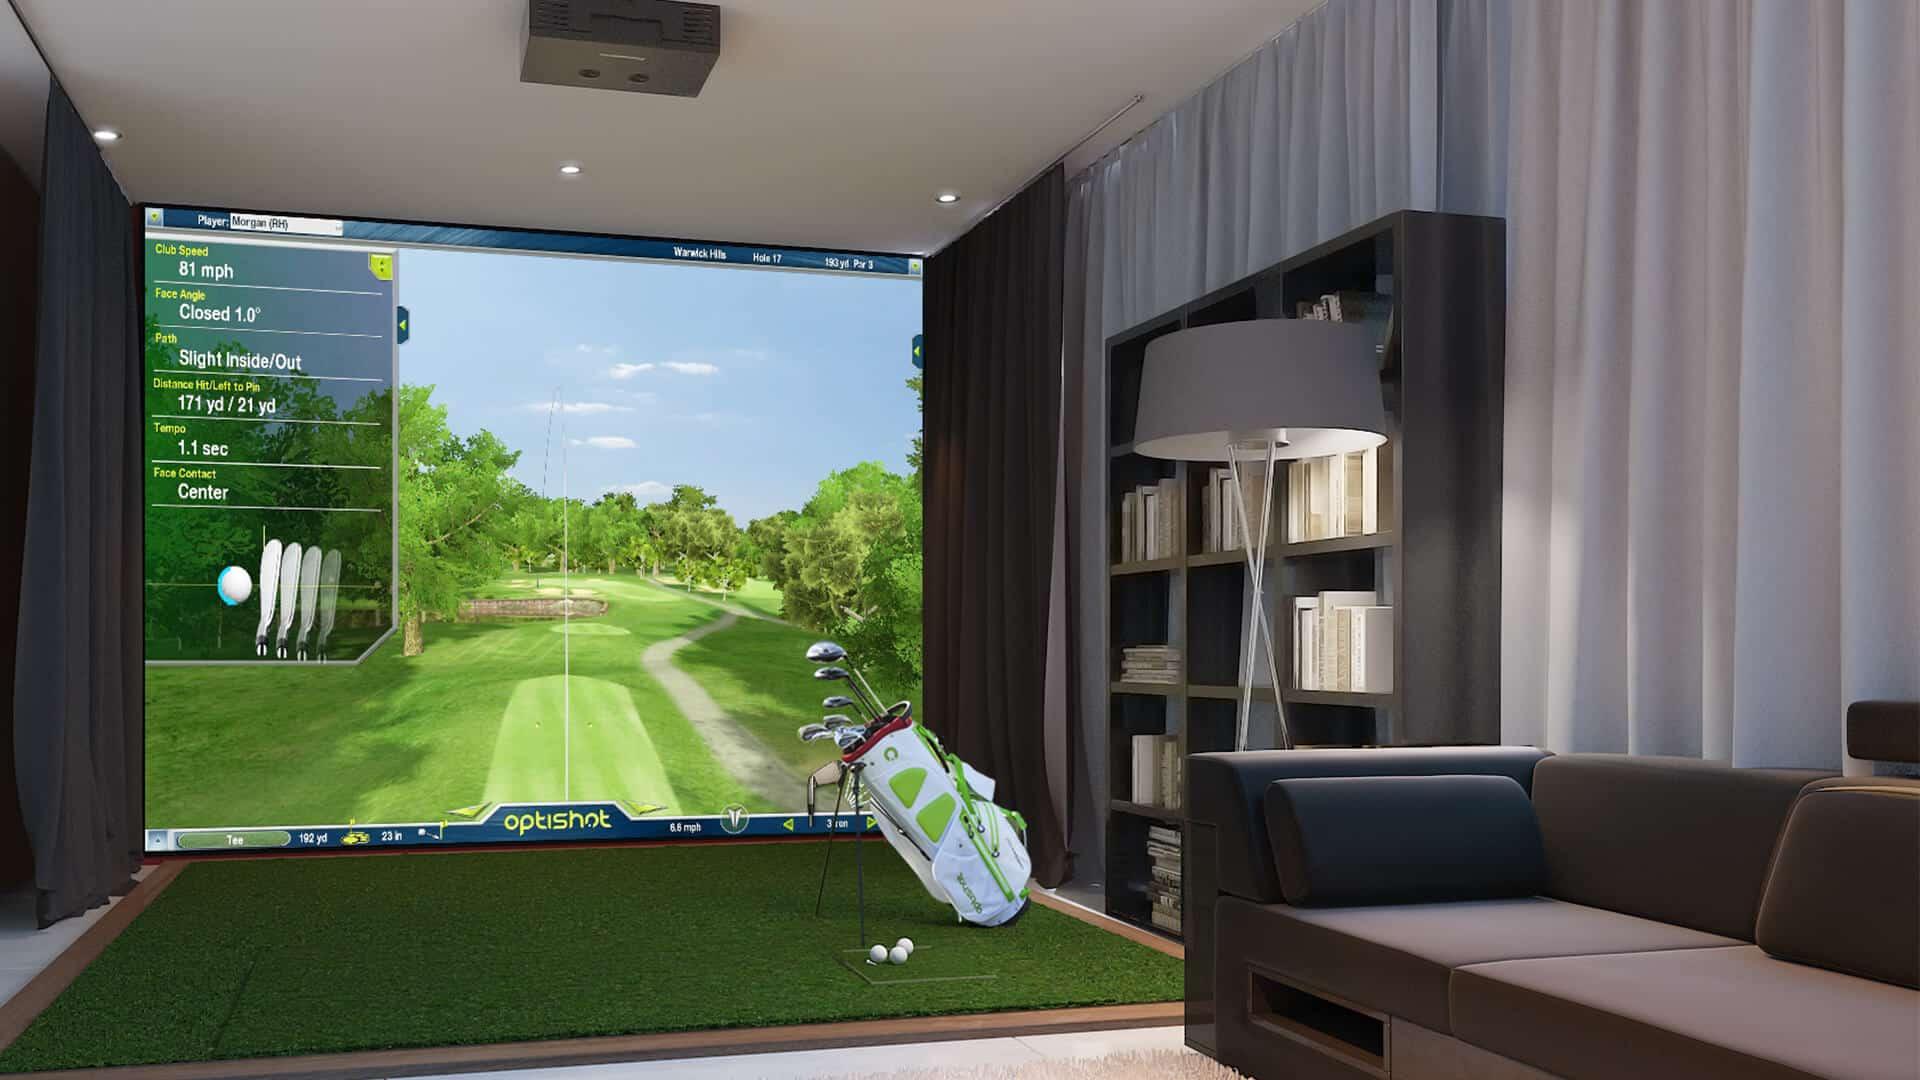 Best Golf Simulators 2020 Home Setup For Under 1k